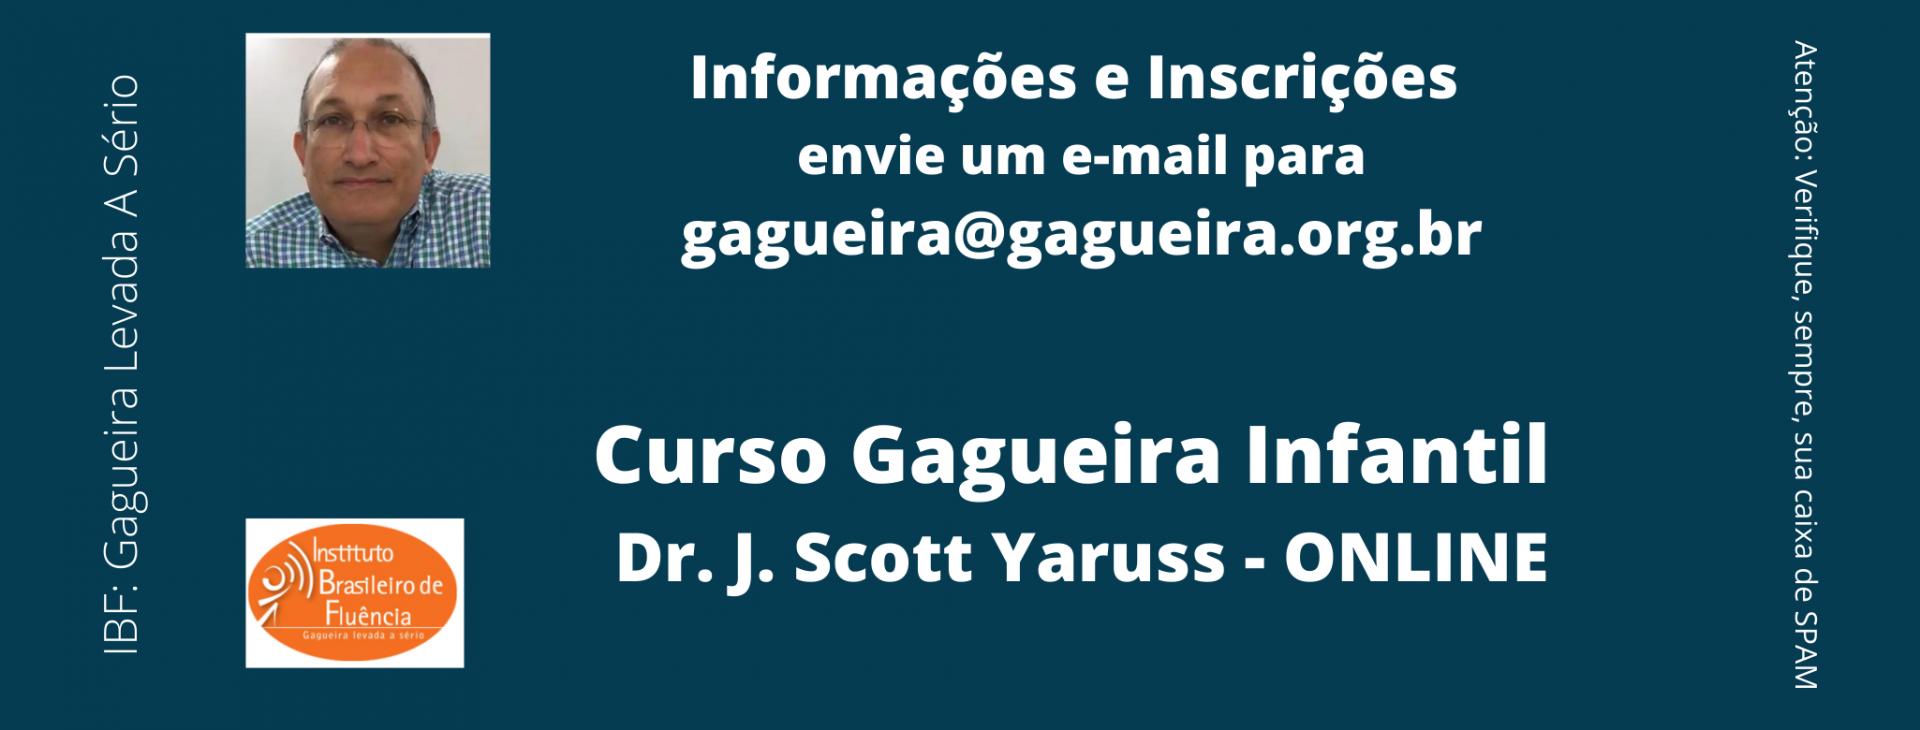 Foto do Dr. Yaruss e logo do IBF com orientações sobre como se inscrever no Curso Online Gagueira Infantil